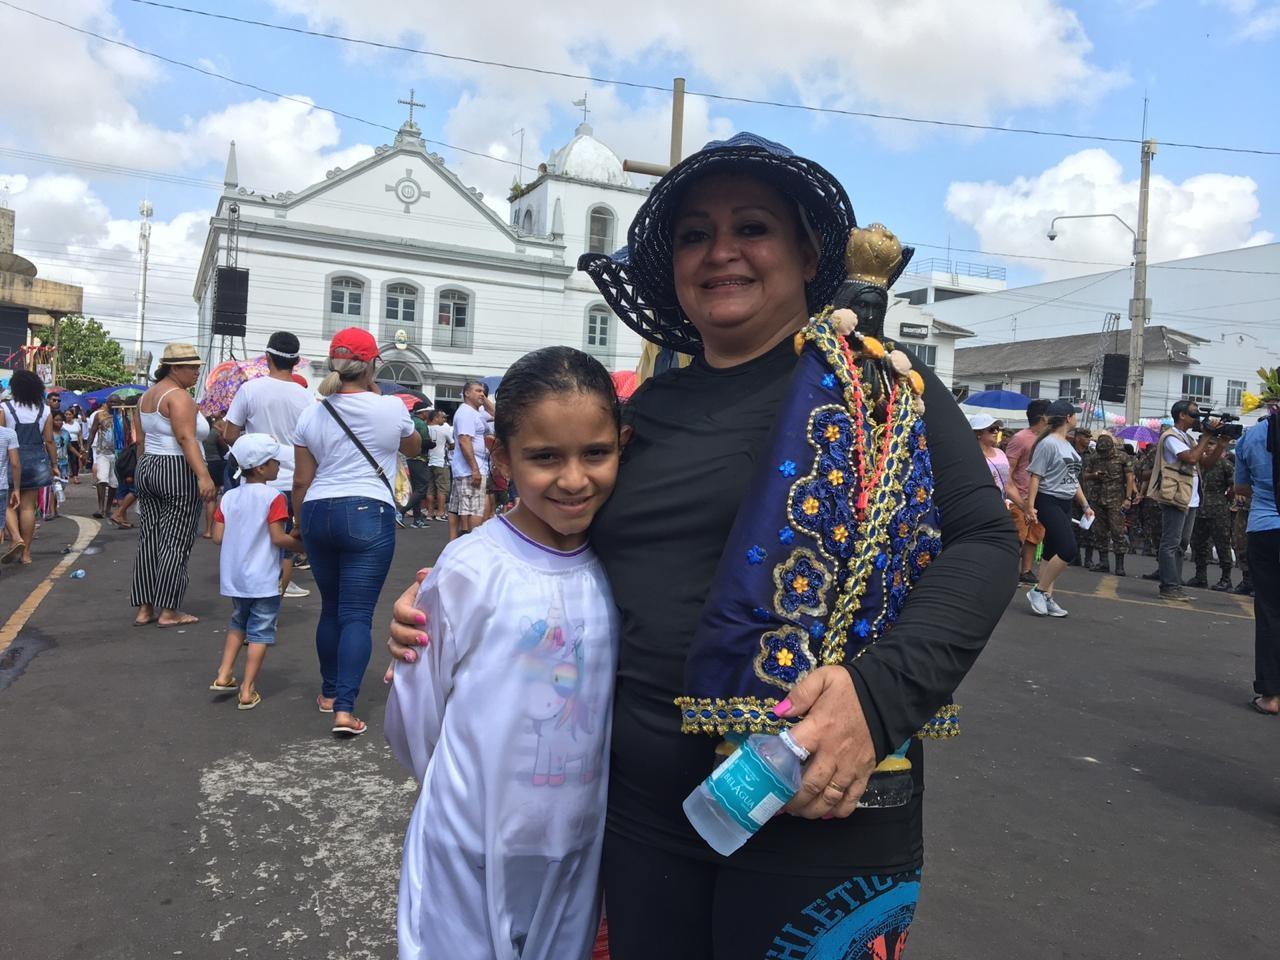 Pela saúde da filha, mãe completa 10 anos de procissão do Círio: 'Iriam desligar o aparelho dela' - Notícias - Plantão Diário